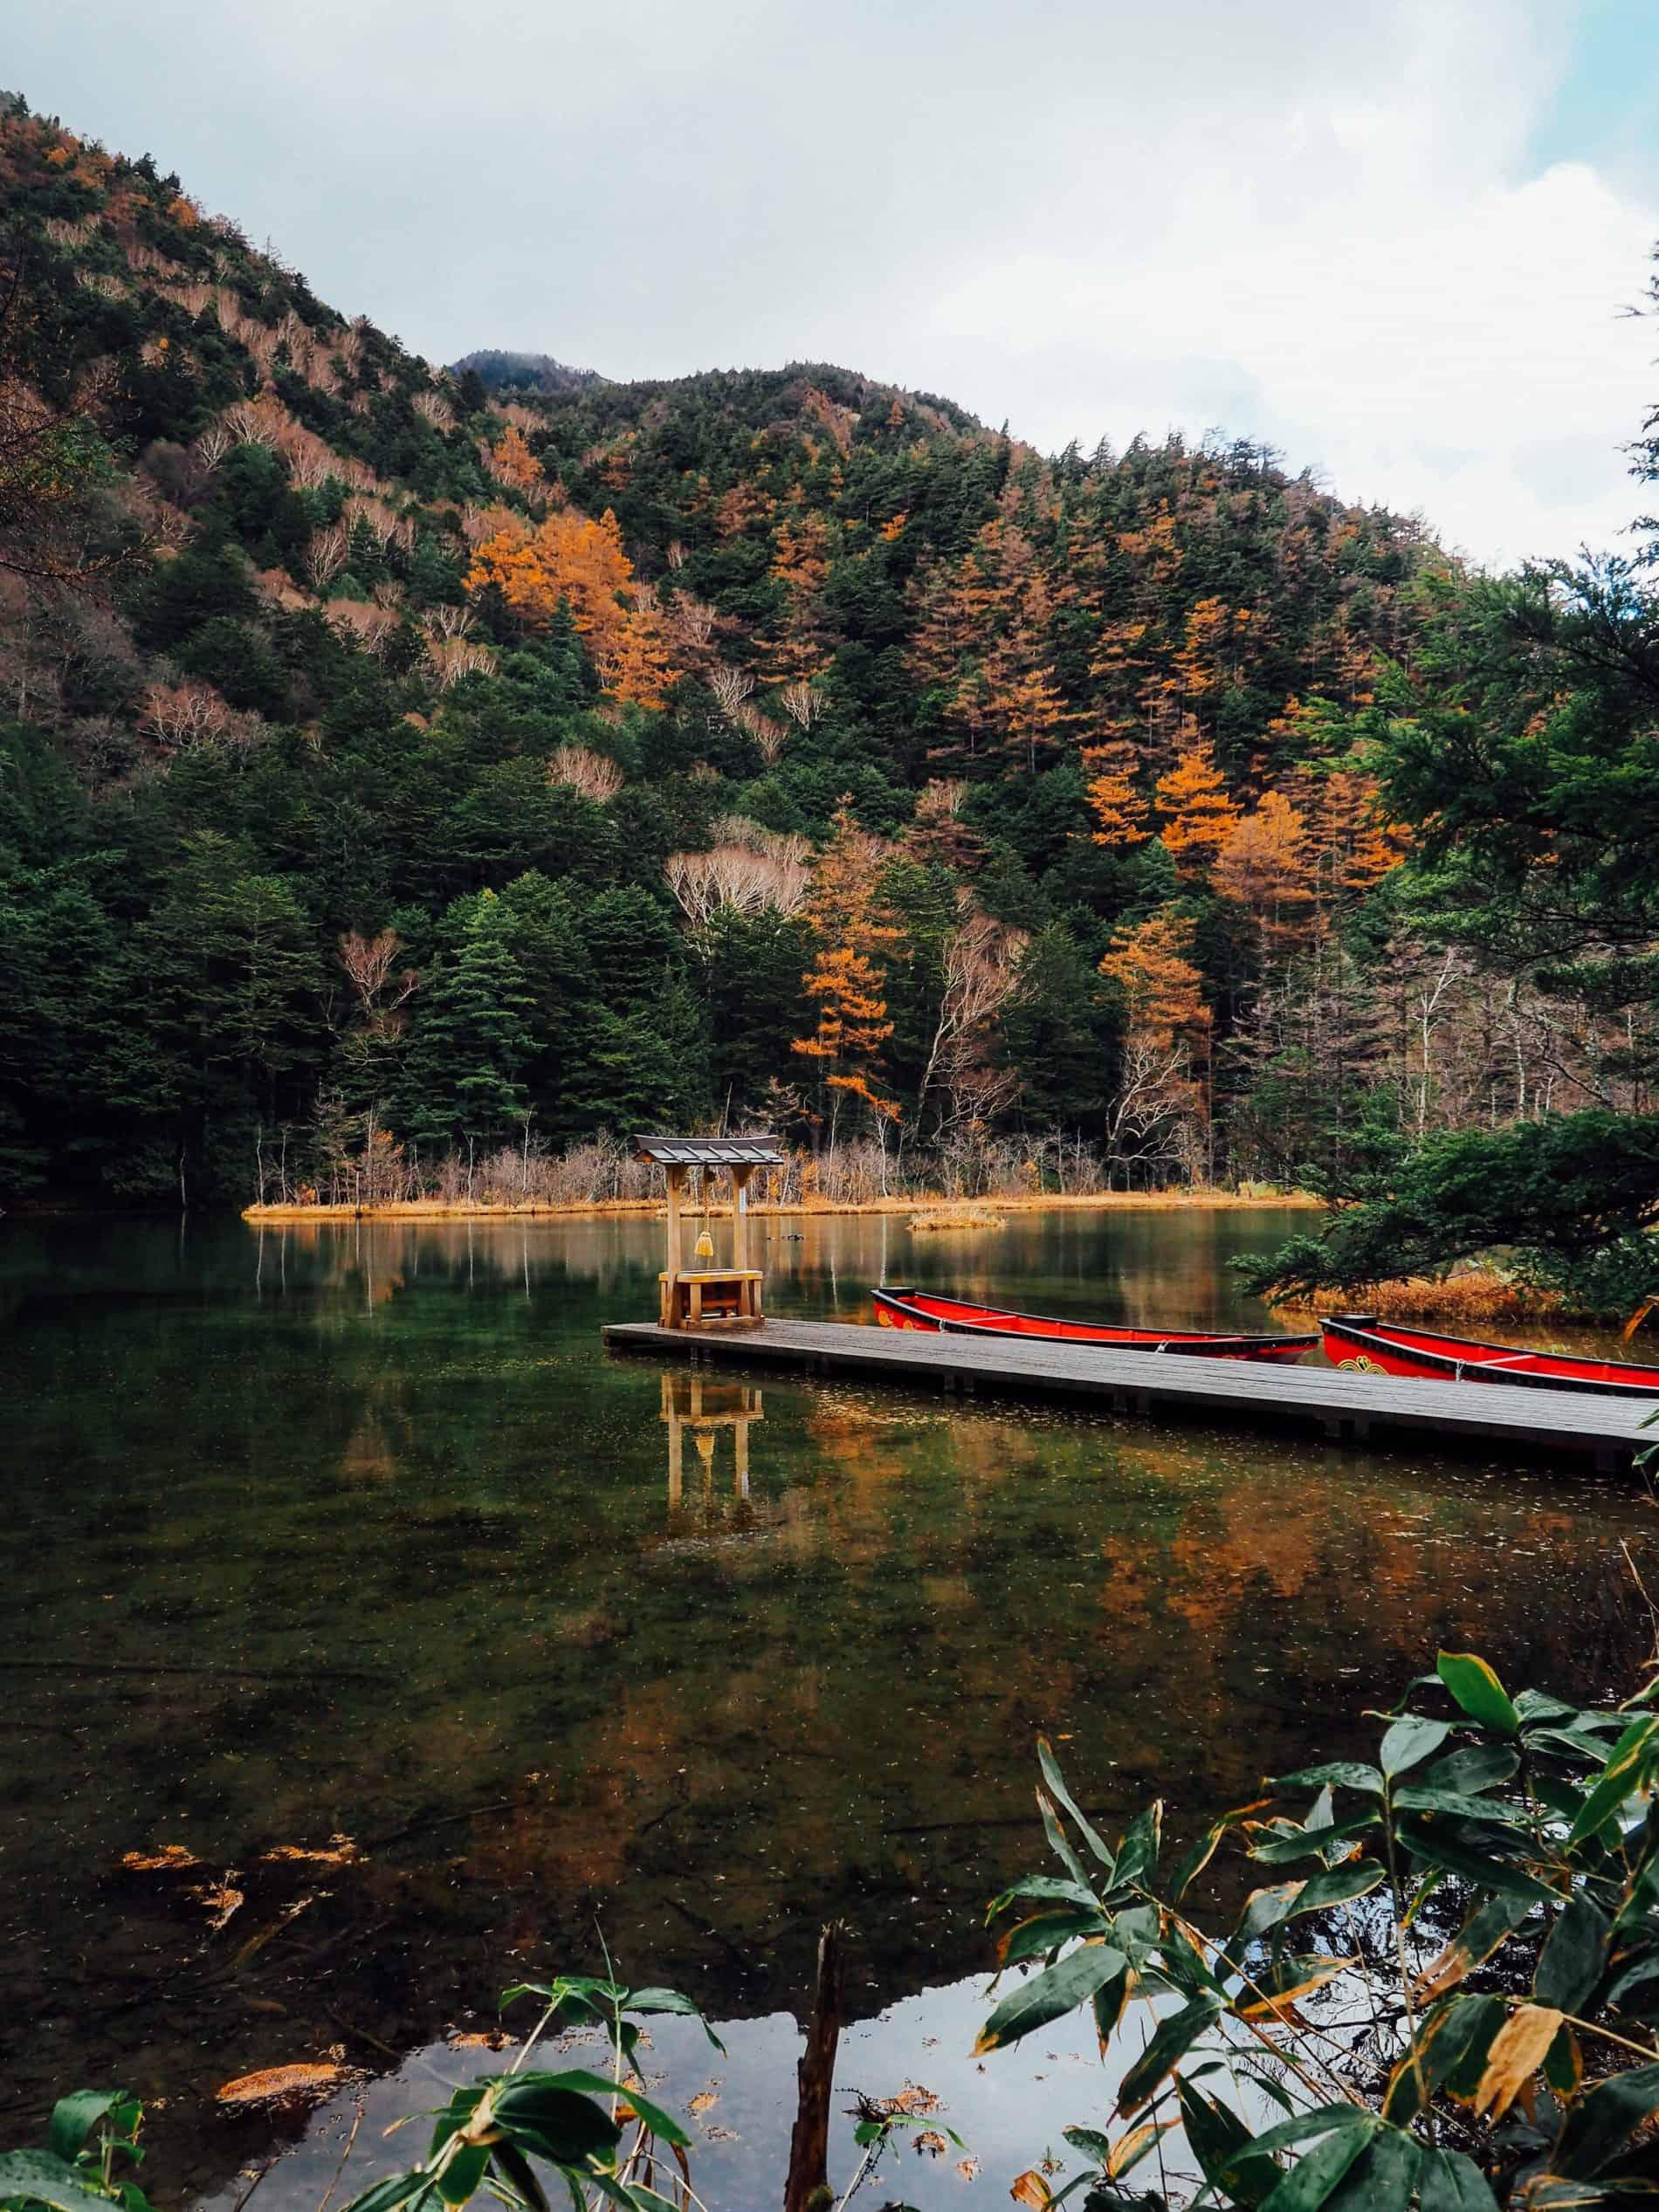 japon alpes japonaises kamikochi randonnée voyage